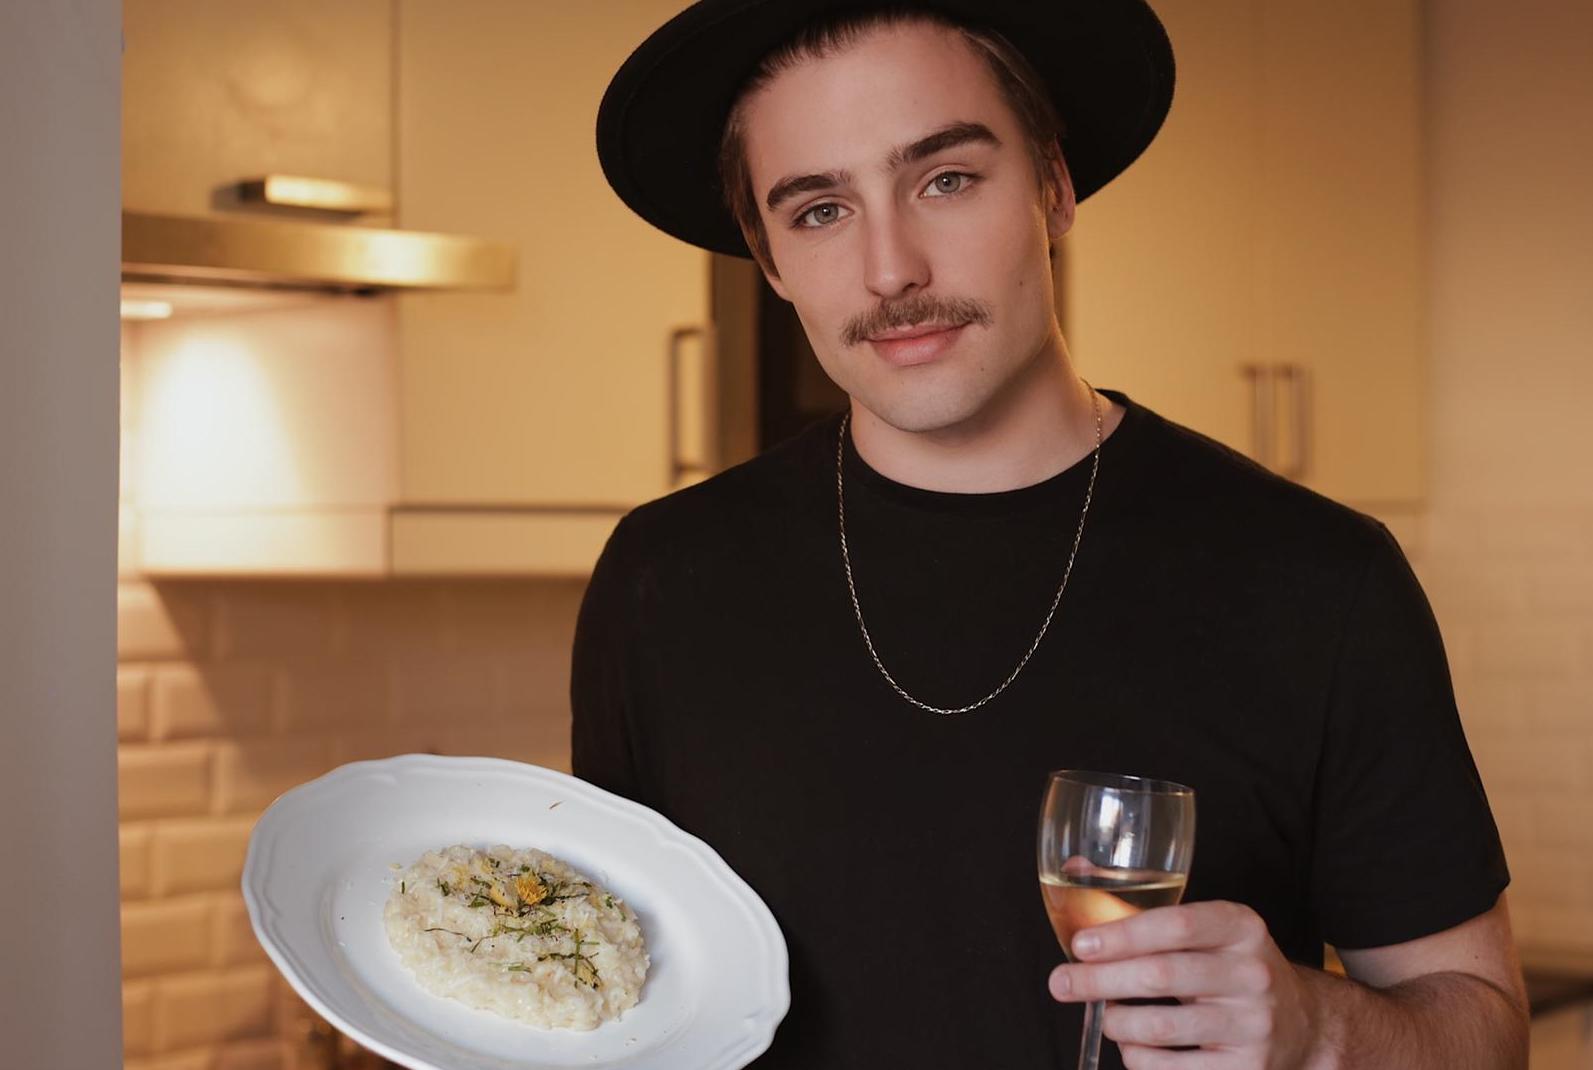 Arthur Schmidt estreia no Youtube com canal de culinária para o público masculino